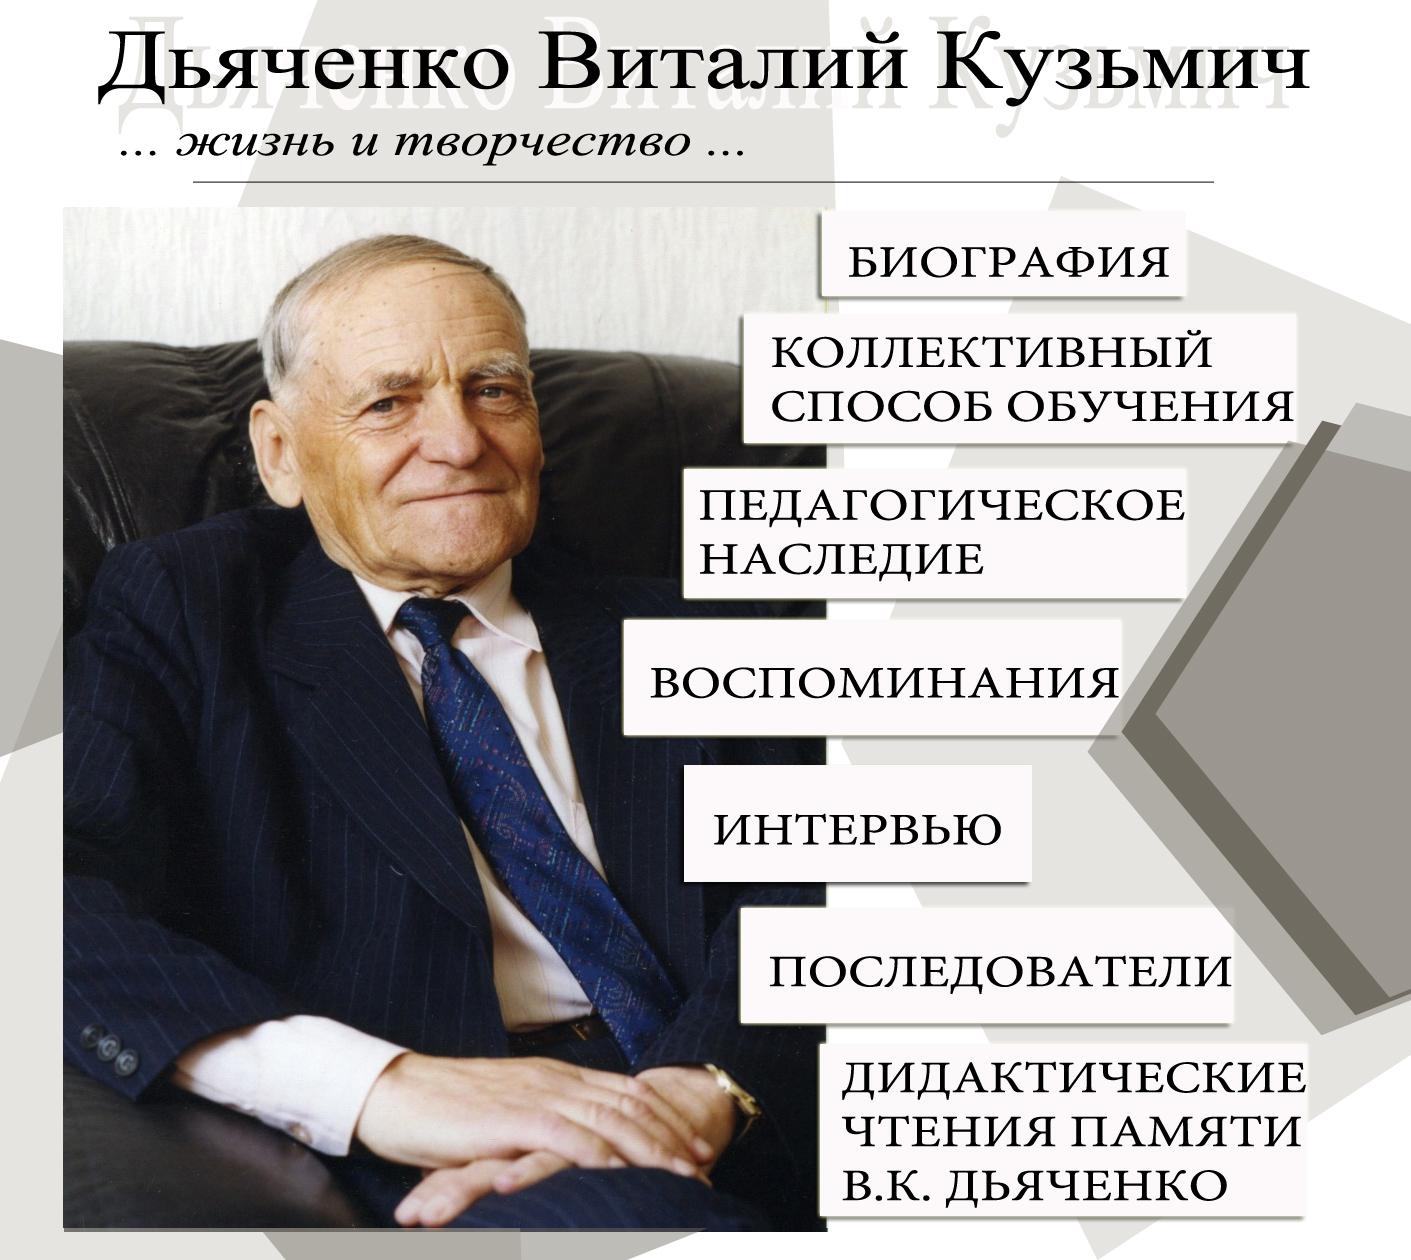 Дьяченко Виталий Кузьмич